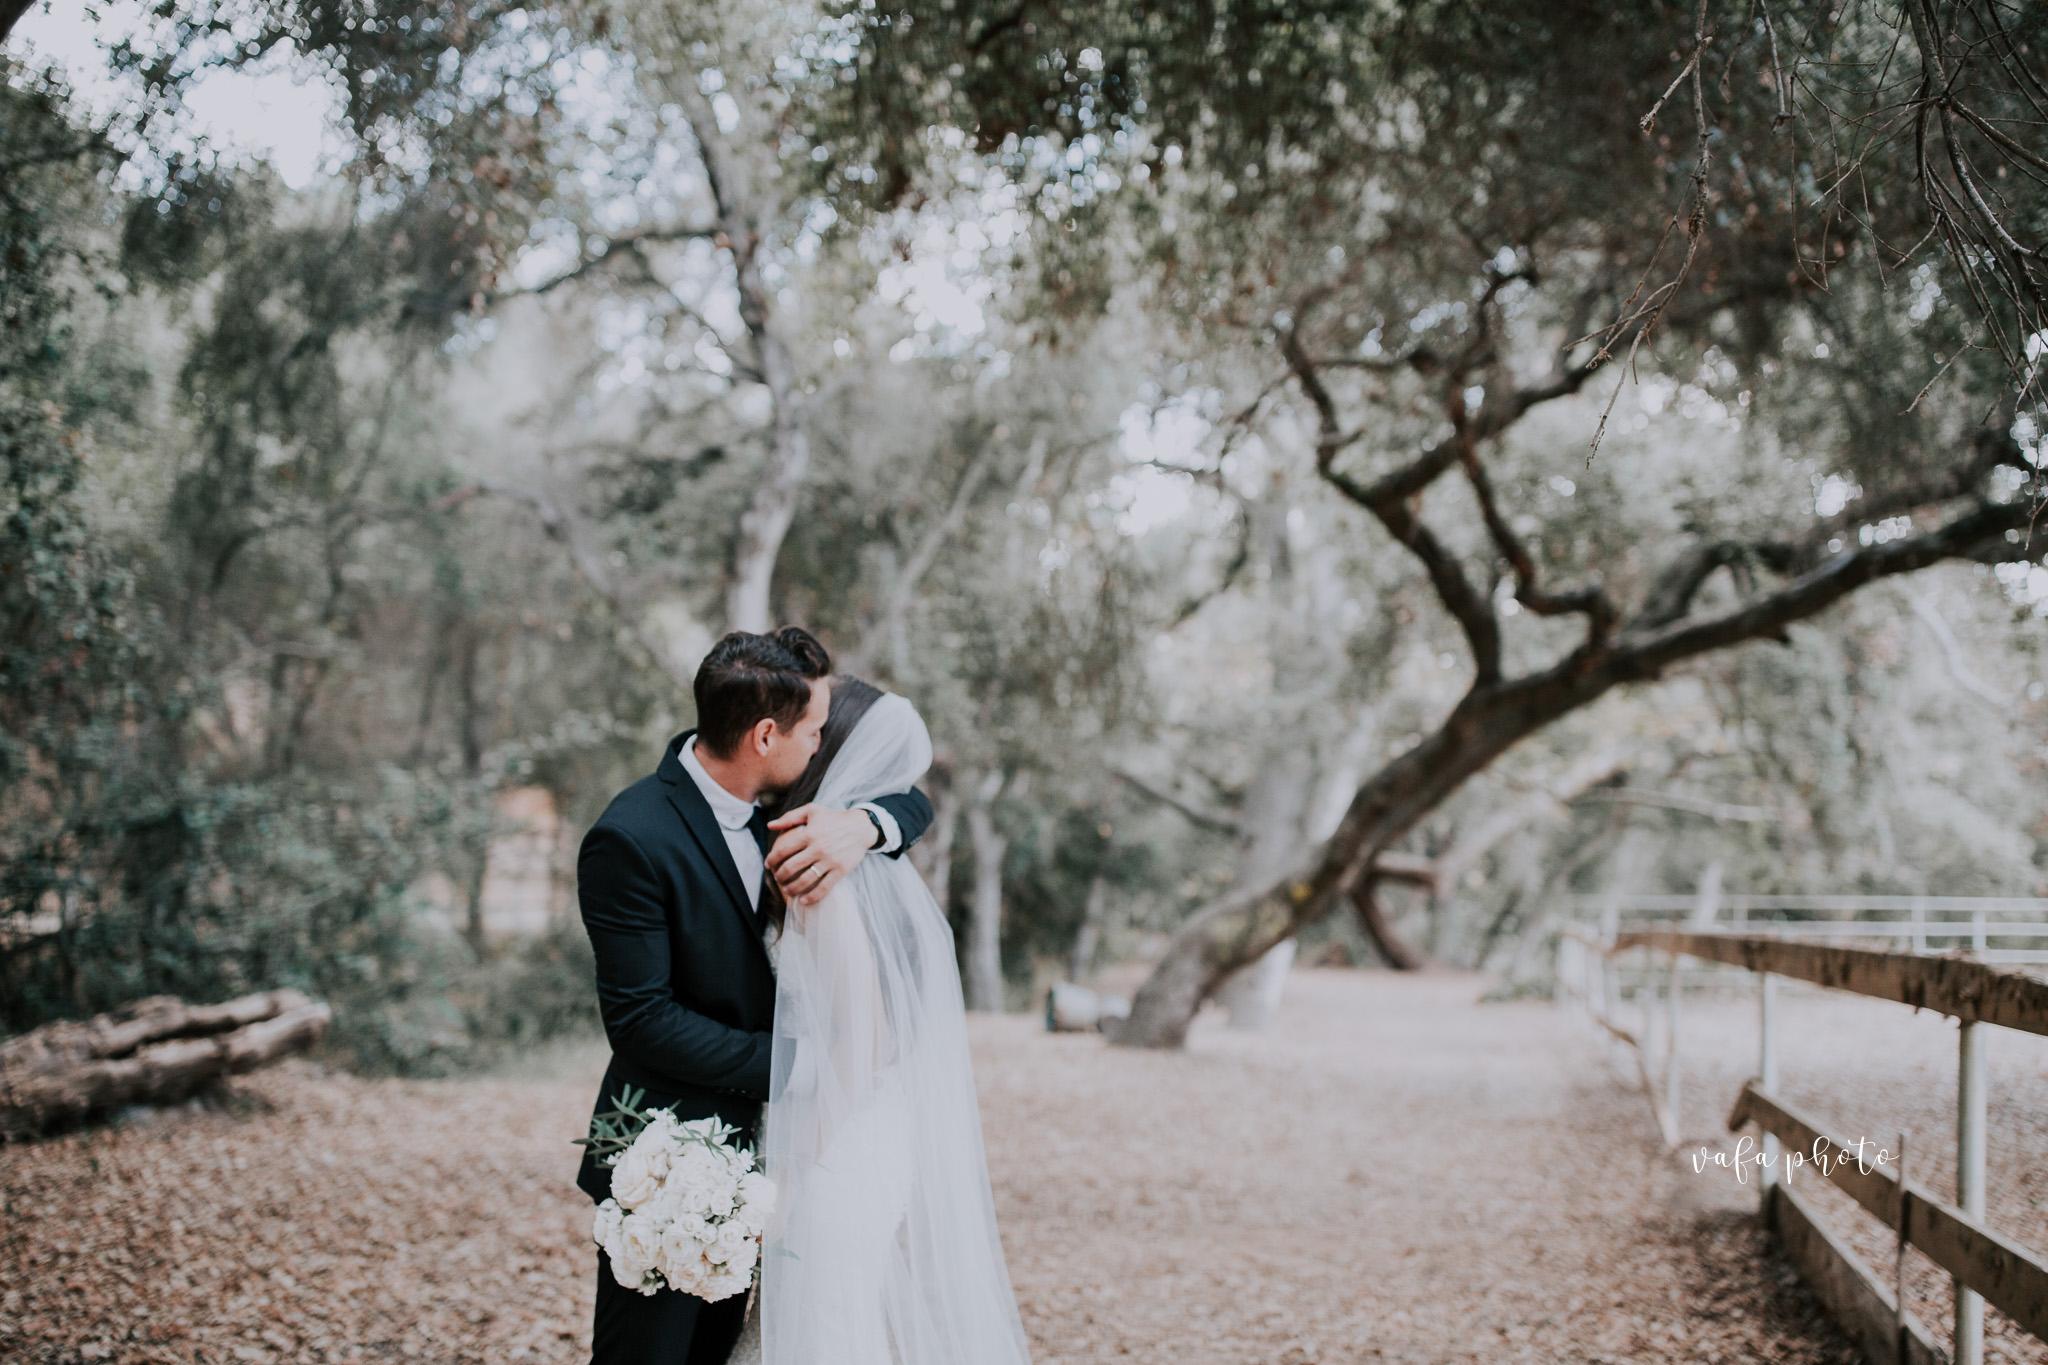 Southern-California-Wedding-Britt-Nilsson-Jeremy-Byrne-Vafa-Photo-525.jpg